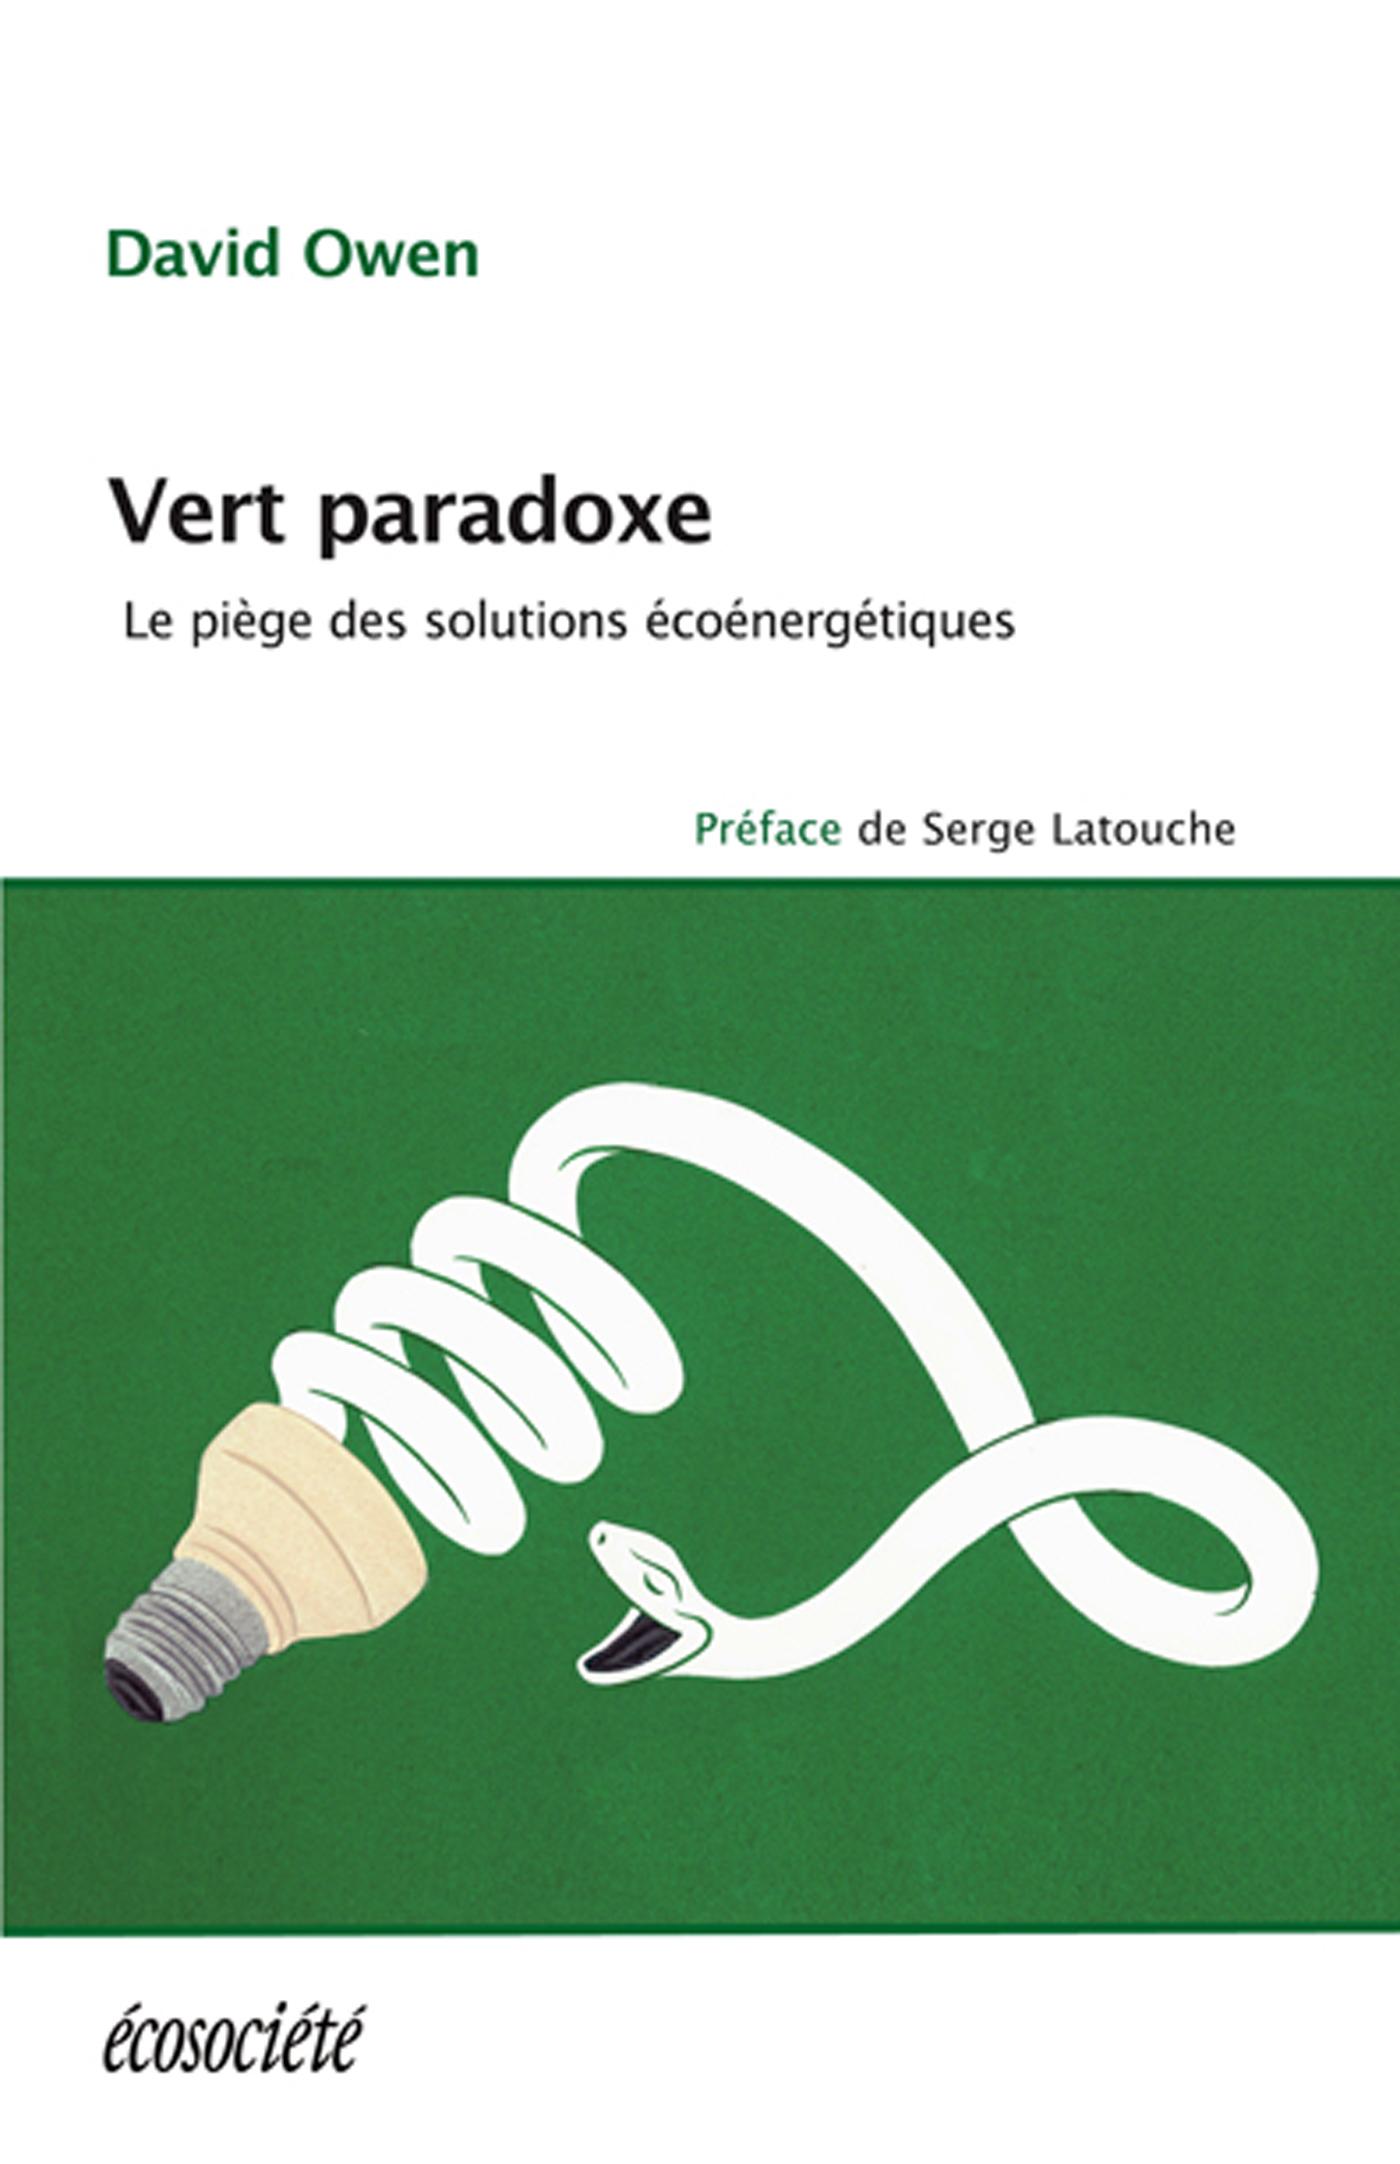 Vert paradoxe, Le piège des solutions écoénergétiques